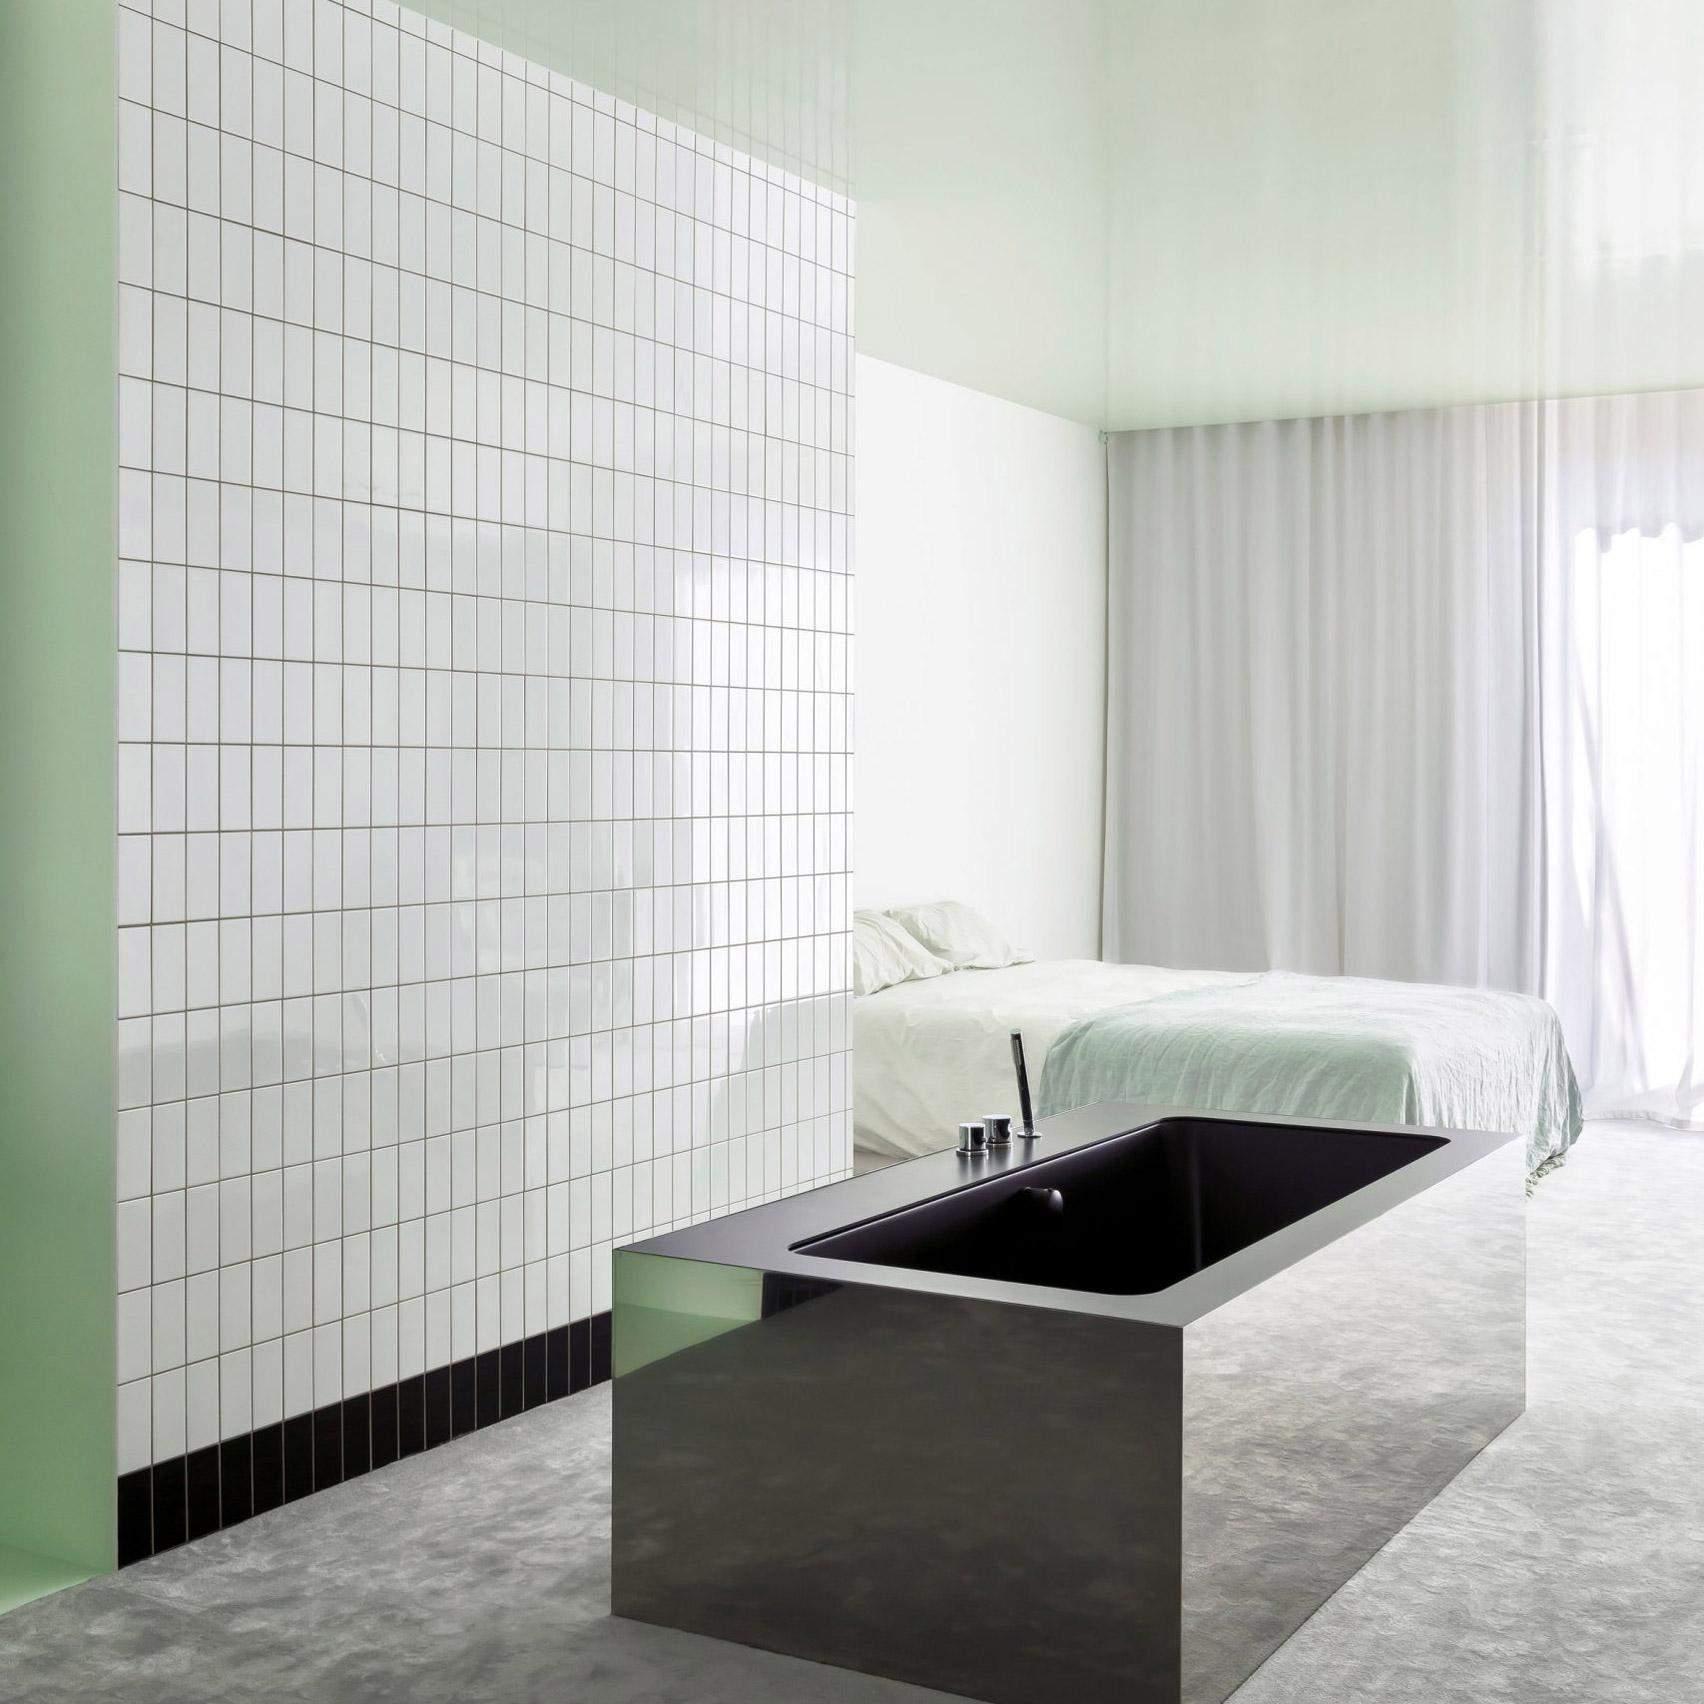 Архітектори та дизайнери відмовляються від стандартних ванних кімнат